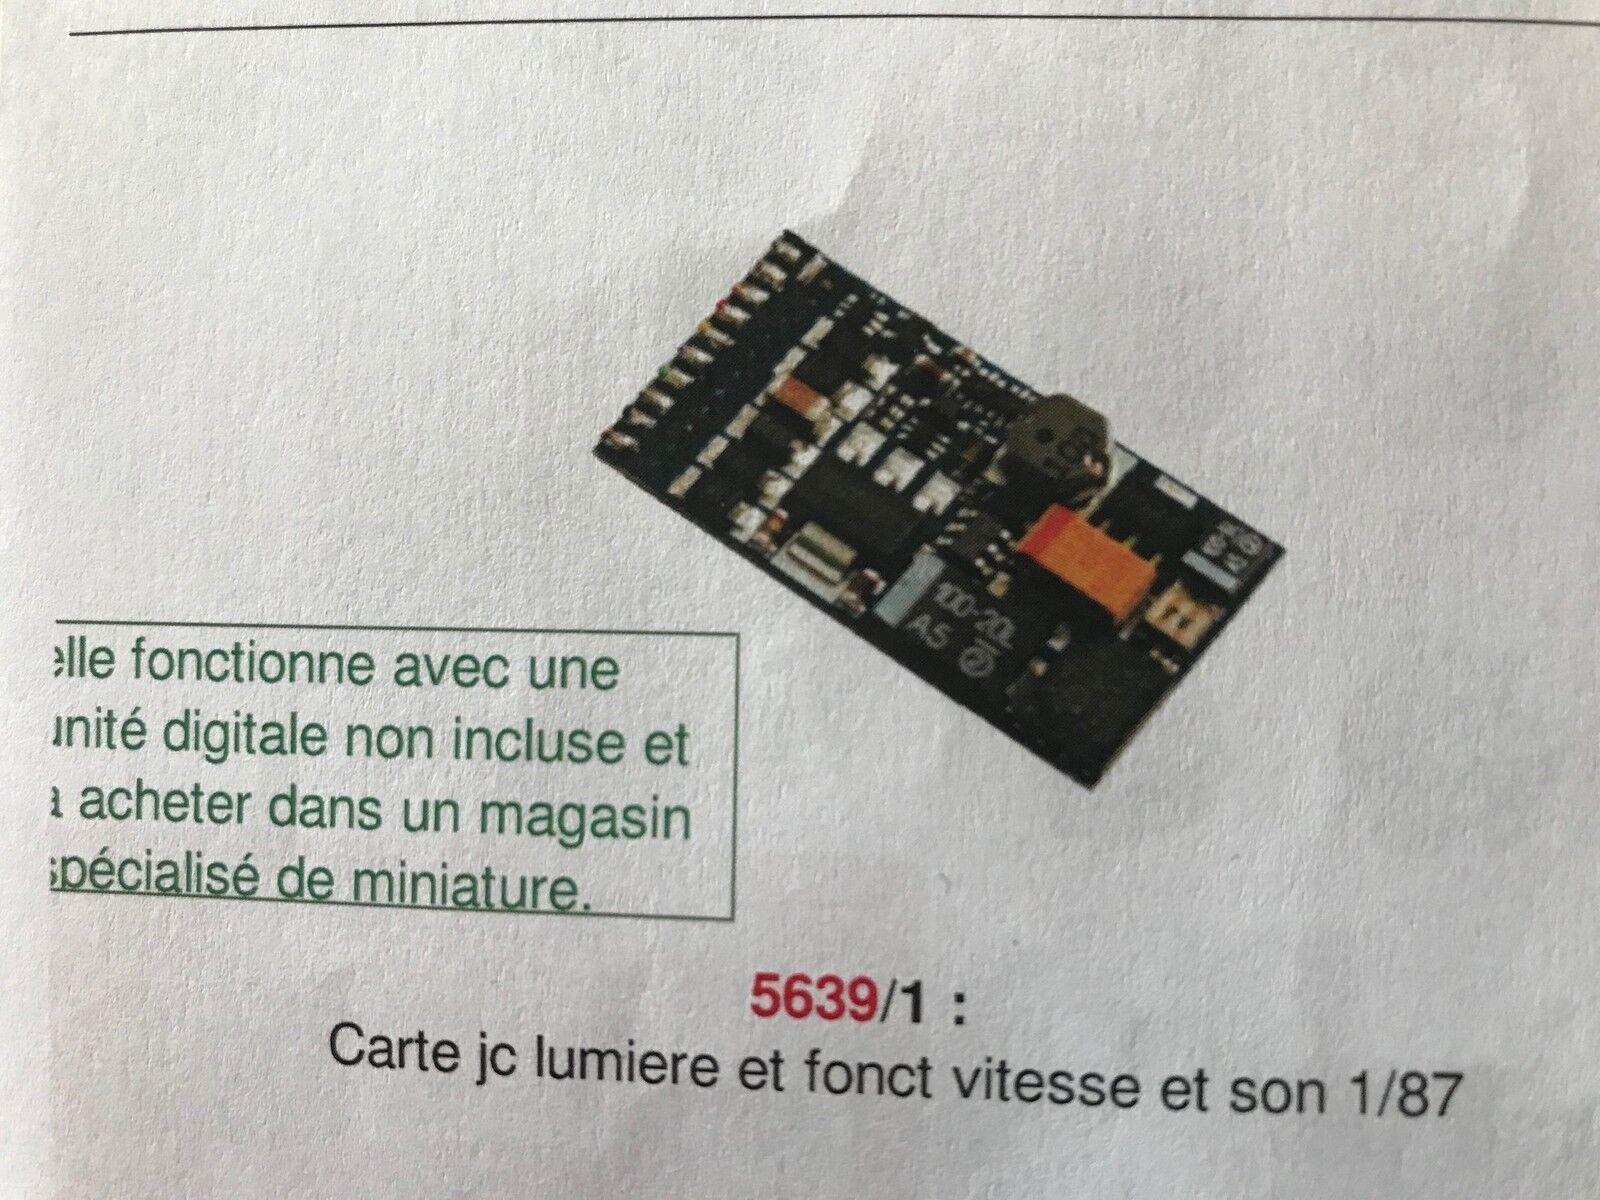 CARTE ELECTRONIQUE LUMIERE/SON/VITESSE  POUR TELECABINE JC COLLECTION 1/87 5639